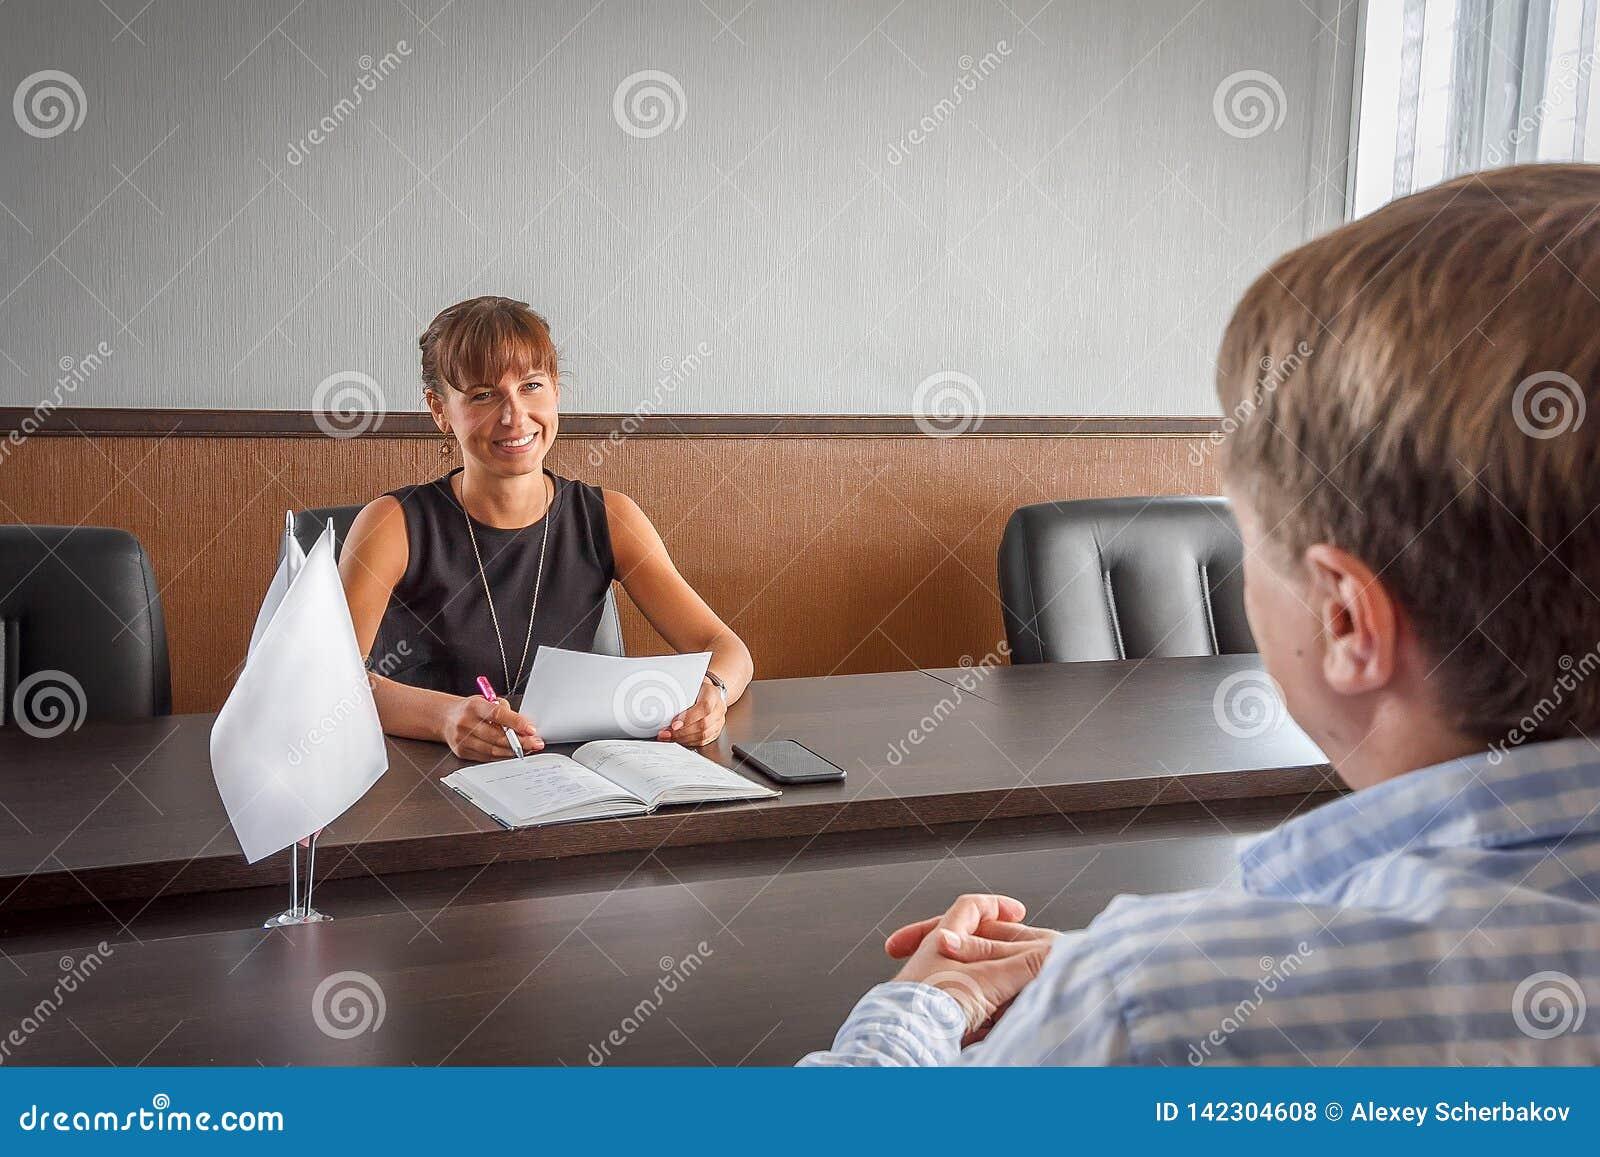 Entrevues en faisant acte de candidature pour un travail dans le bureau